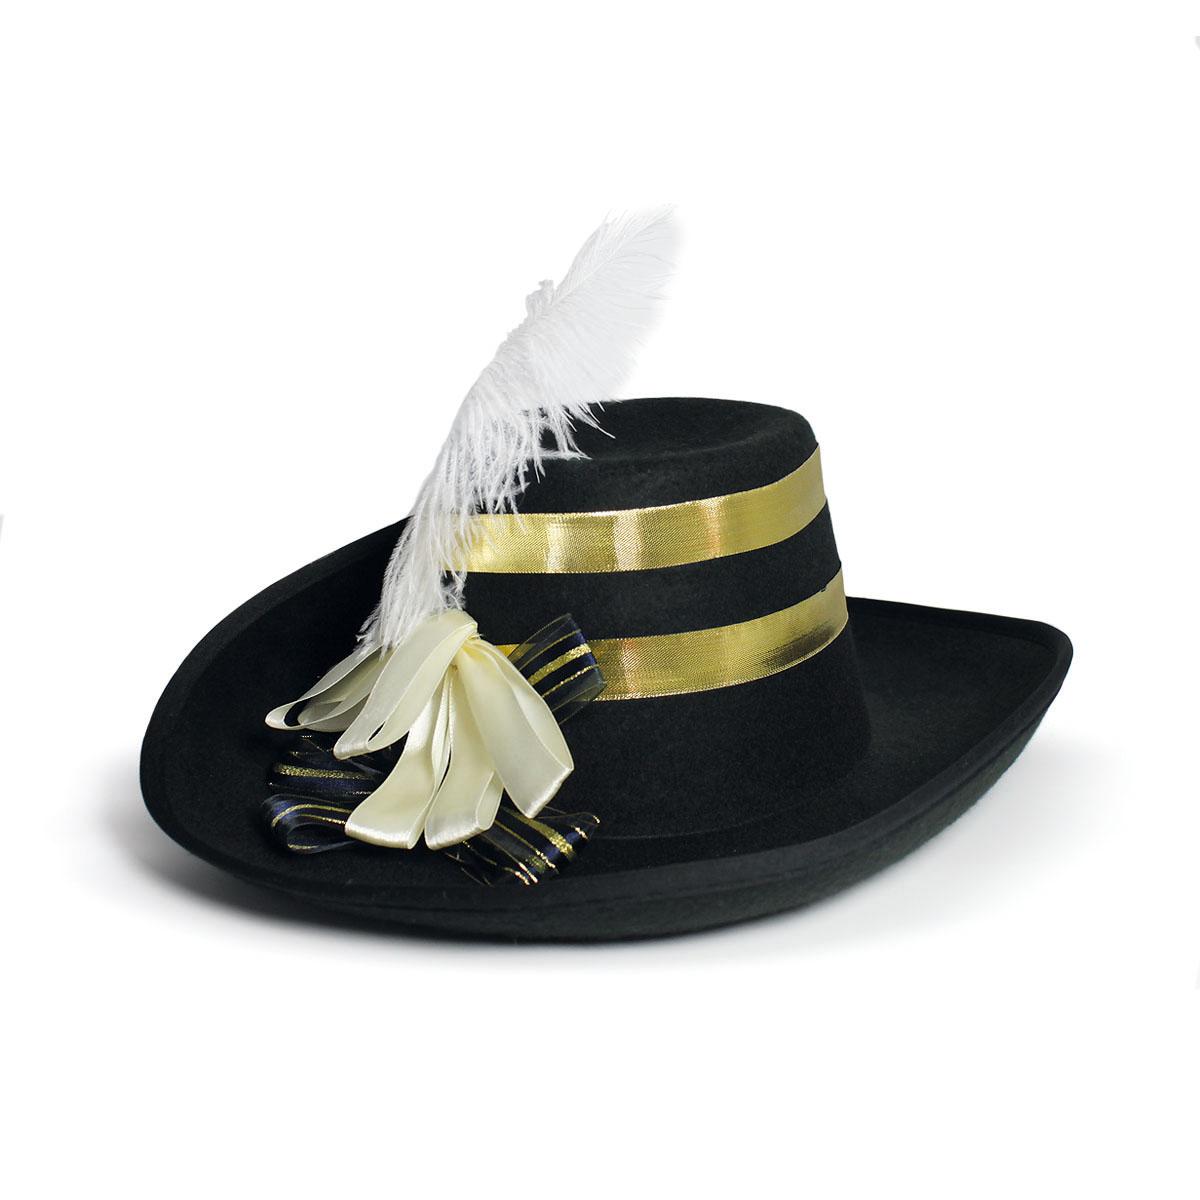 Chapeau : comment réussir son choix de chapeau ?